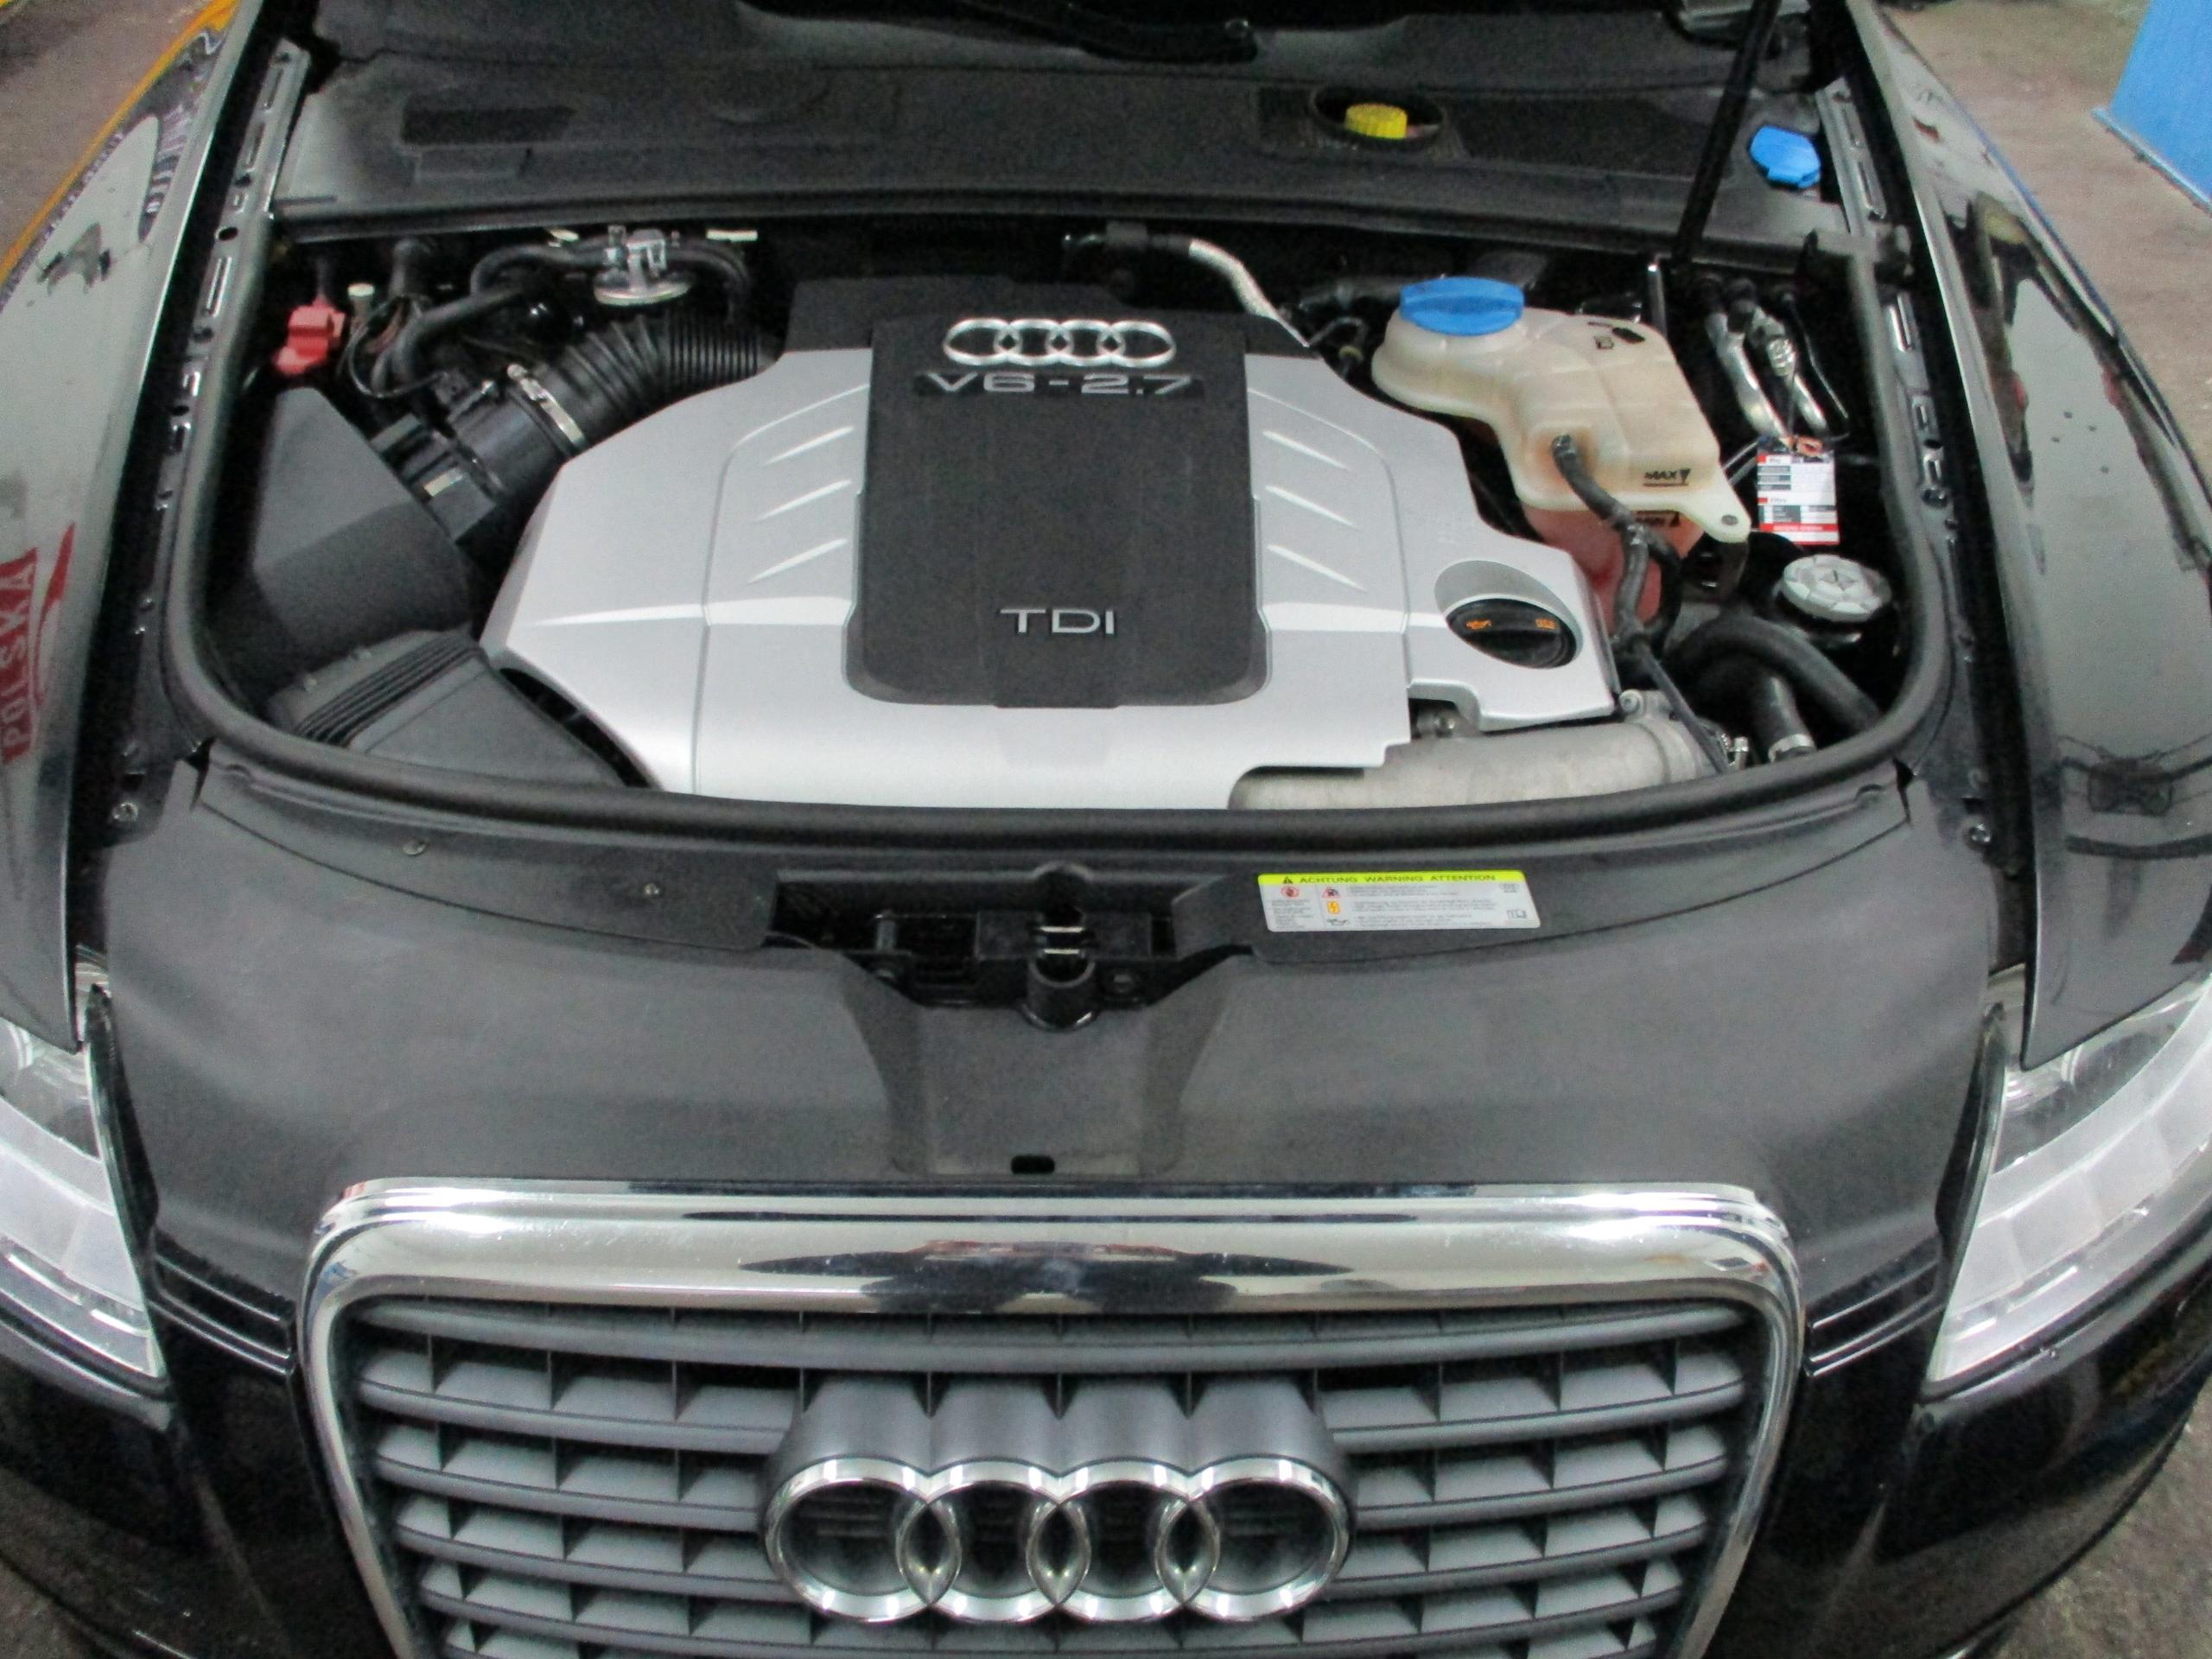 Kekurangan Audi A6 2.7 Tdi Harga